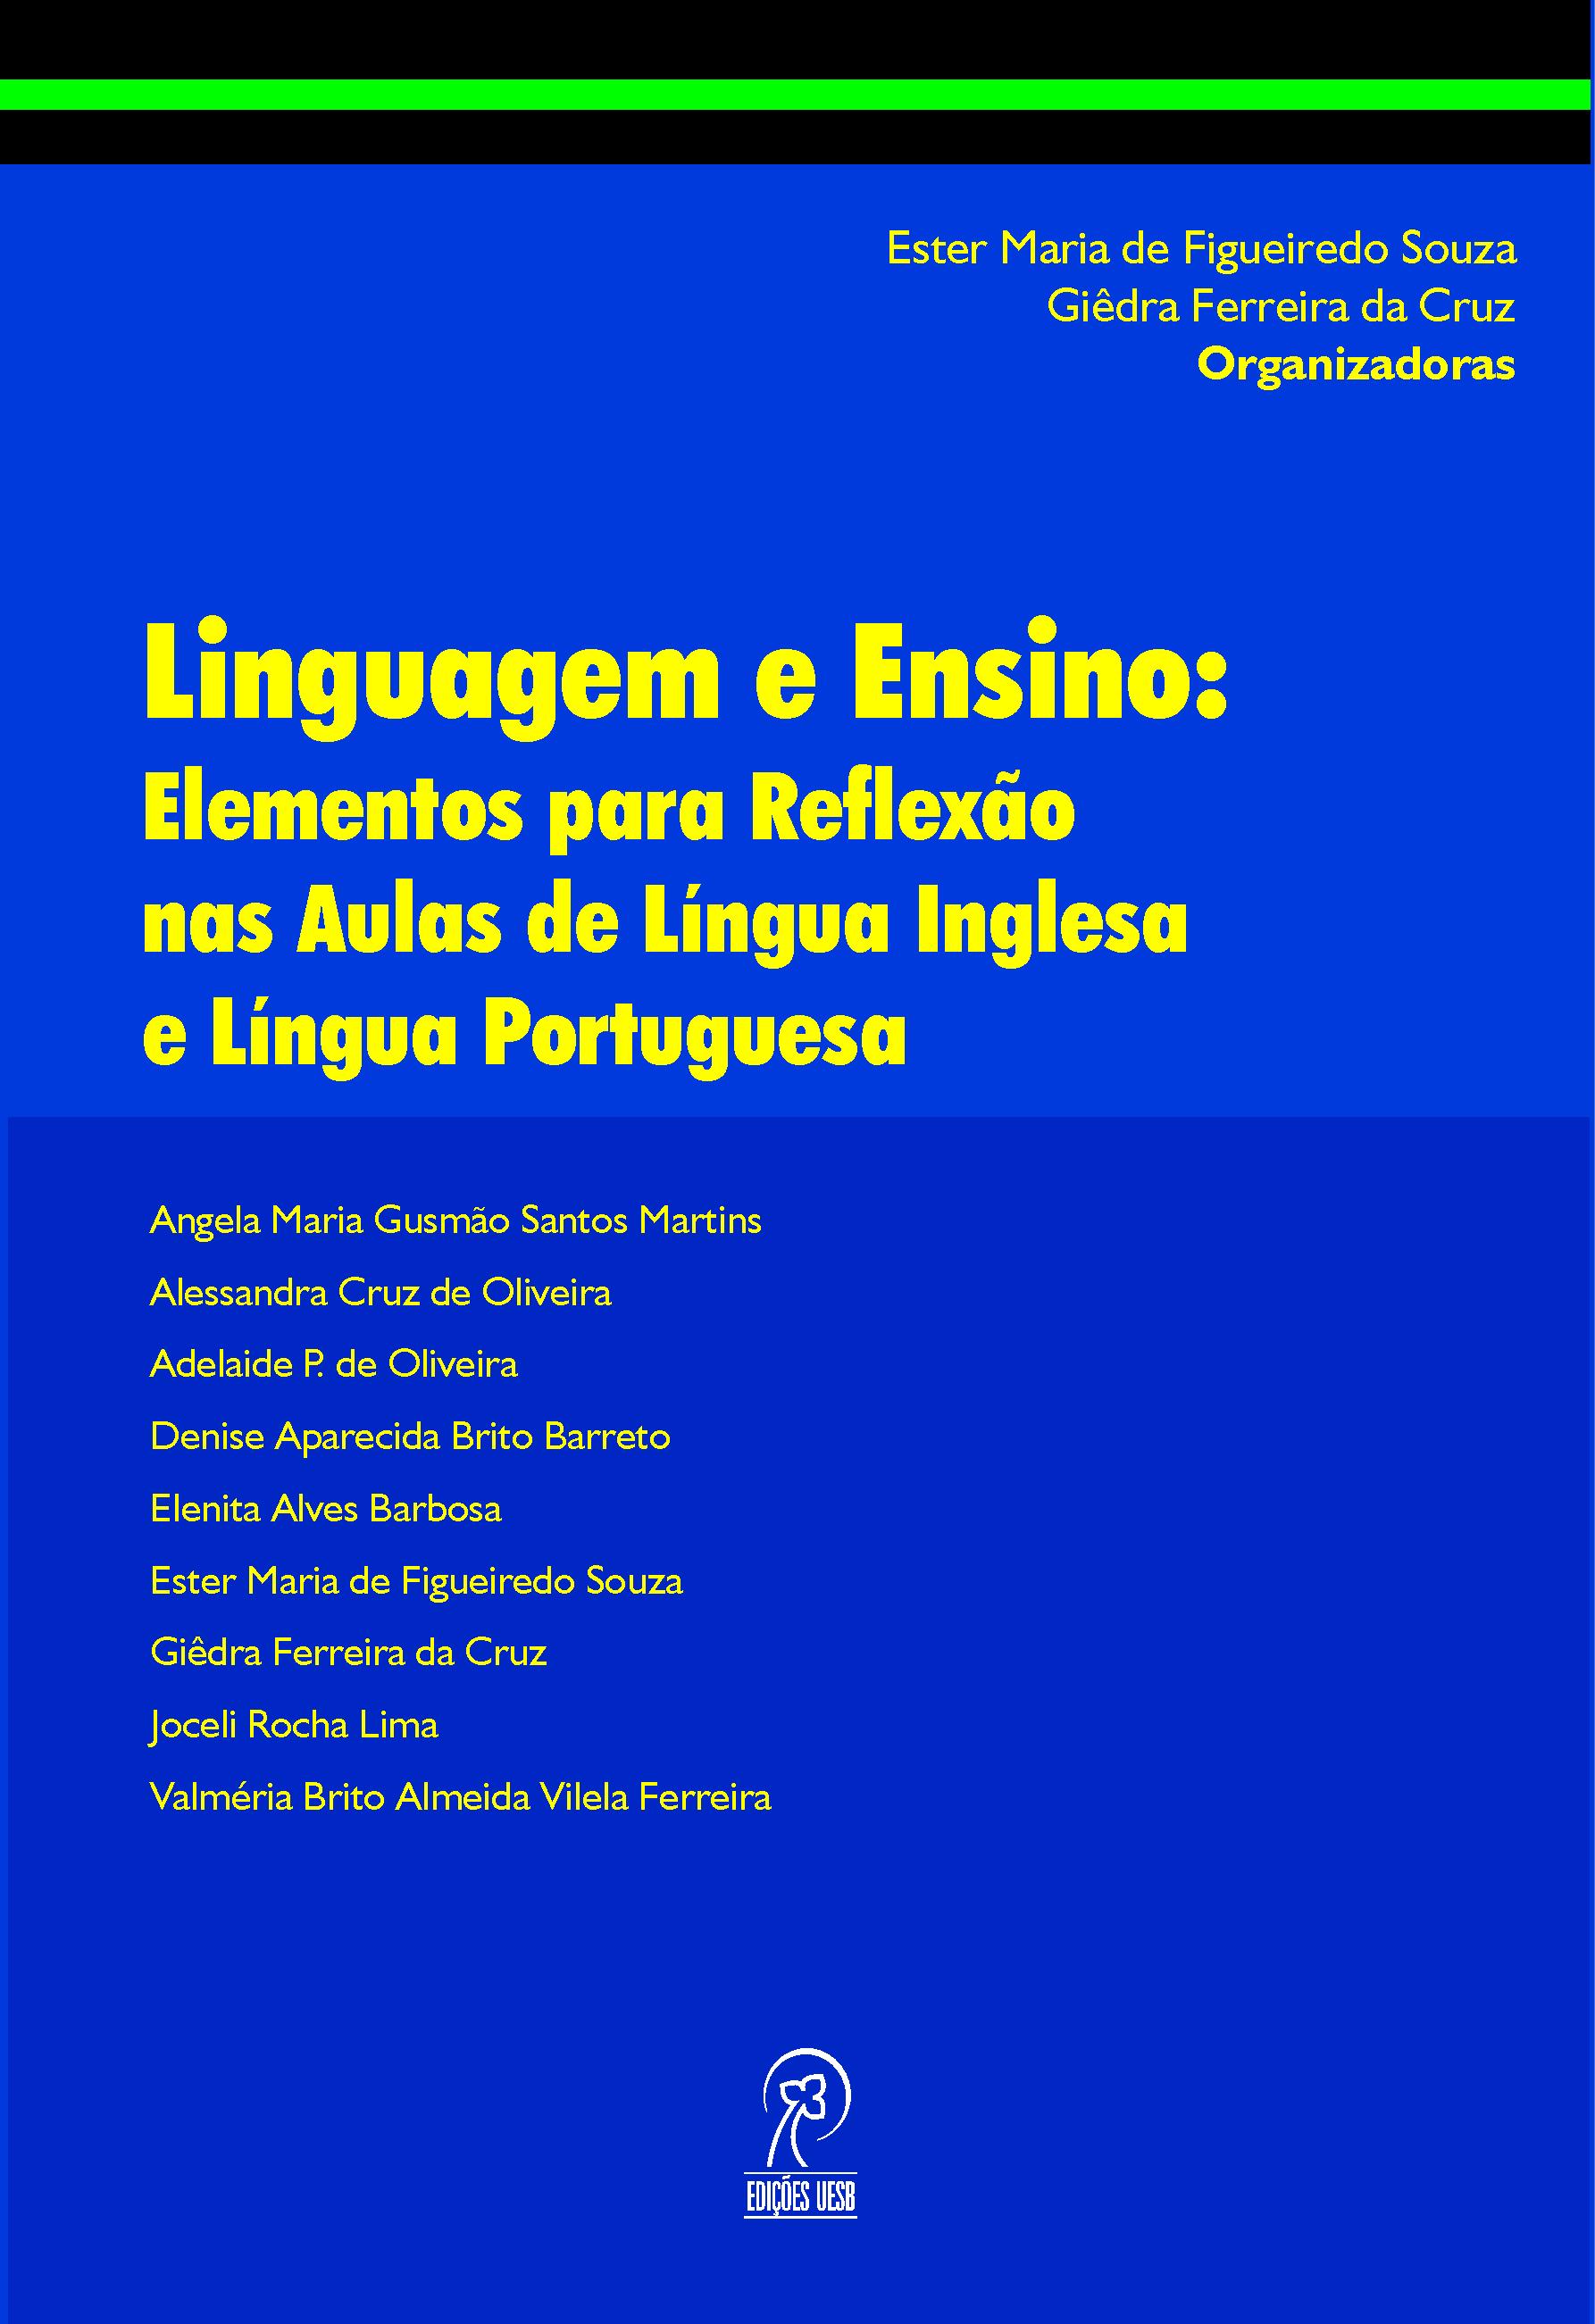 Linguagem e Ensino: Elementos para Reflexão nas Aulas de Língua Inglesa e Língua Portuguesa